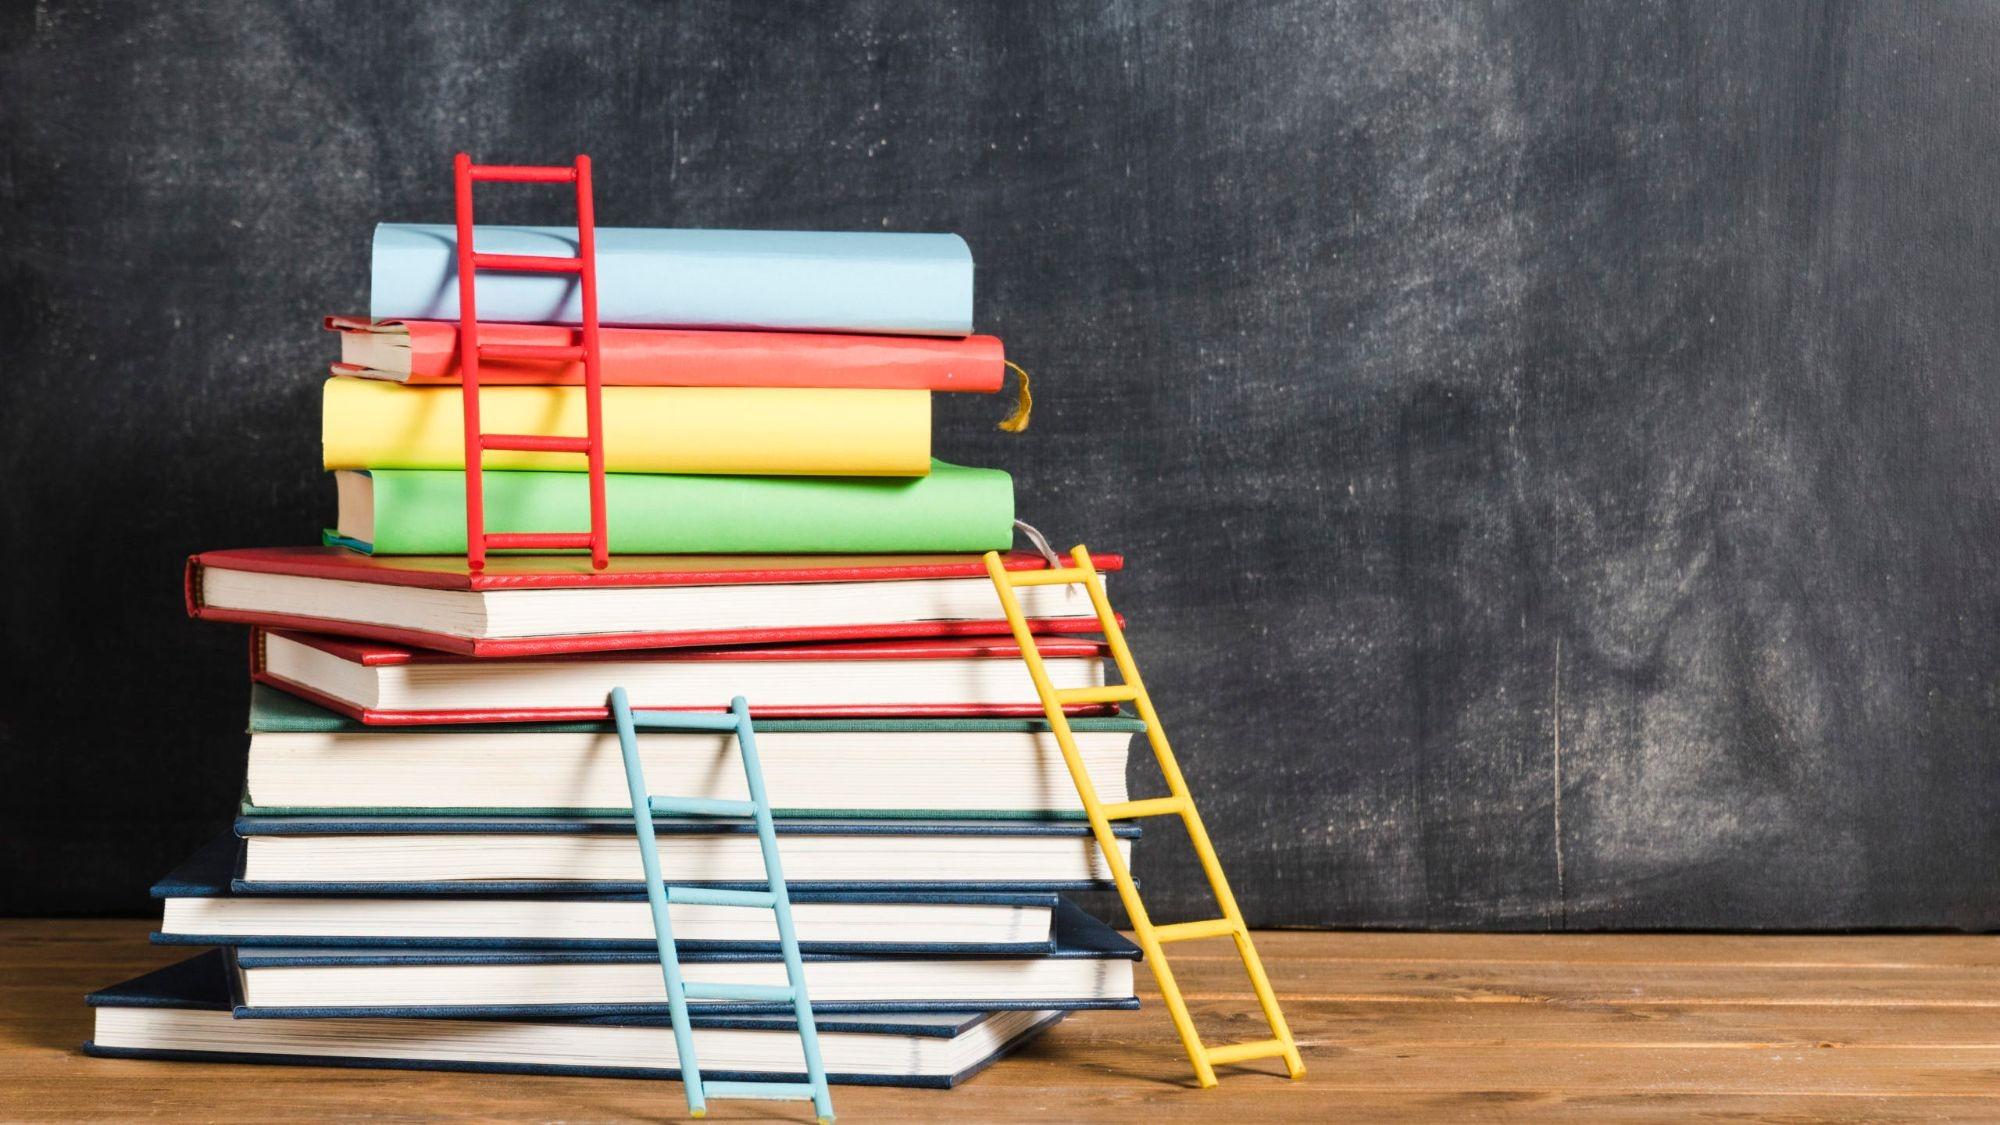 """Avviso per l'attribuzione degli assegni di studio """"AVULLS"""" (associazione di volontariato) relativi all'anno scolastico 2020/2021"""